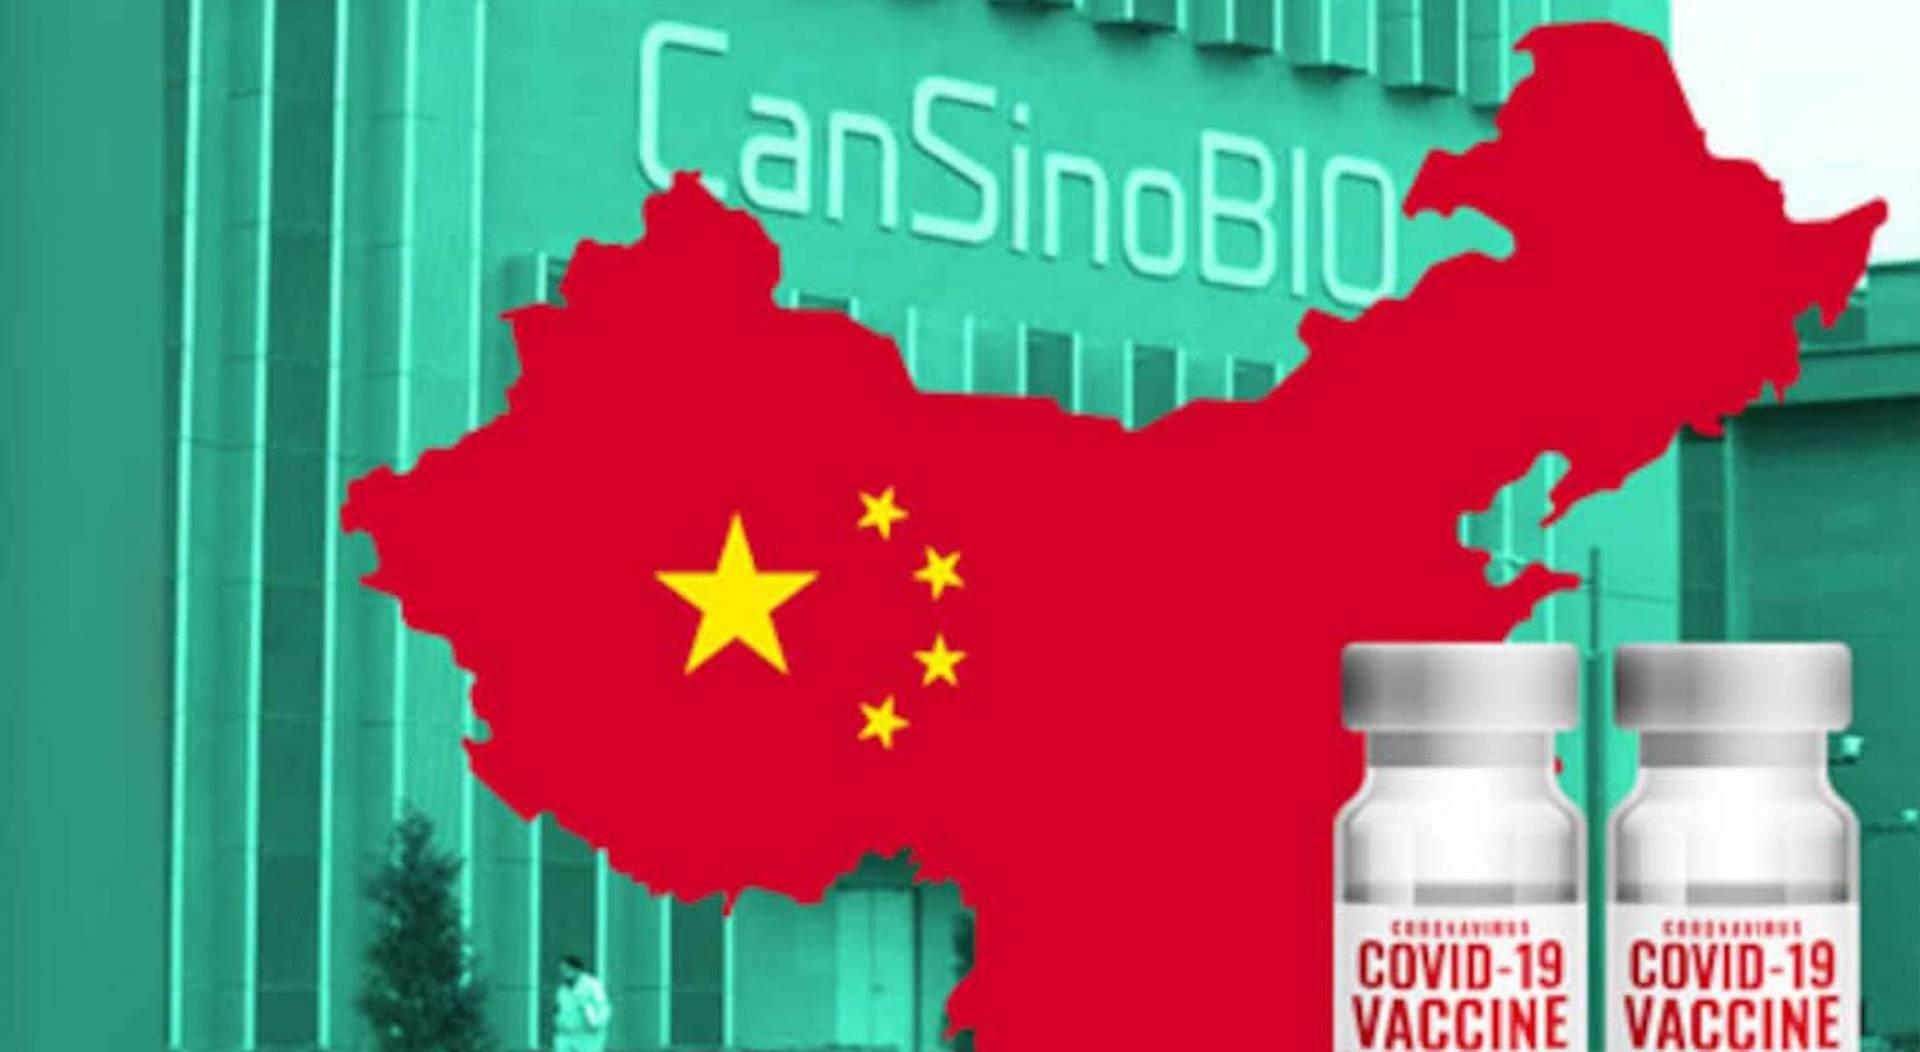 «كانسينو» الصينية تسرع تحليل لقاحها ضد «كورونا»